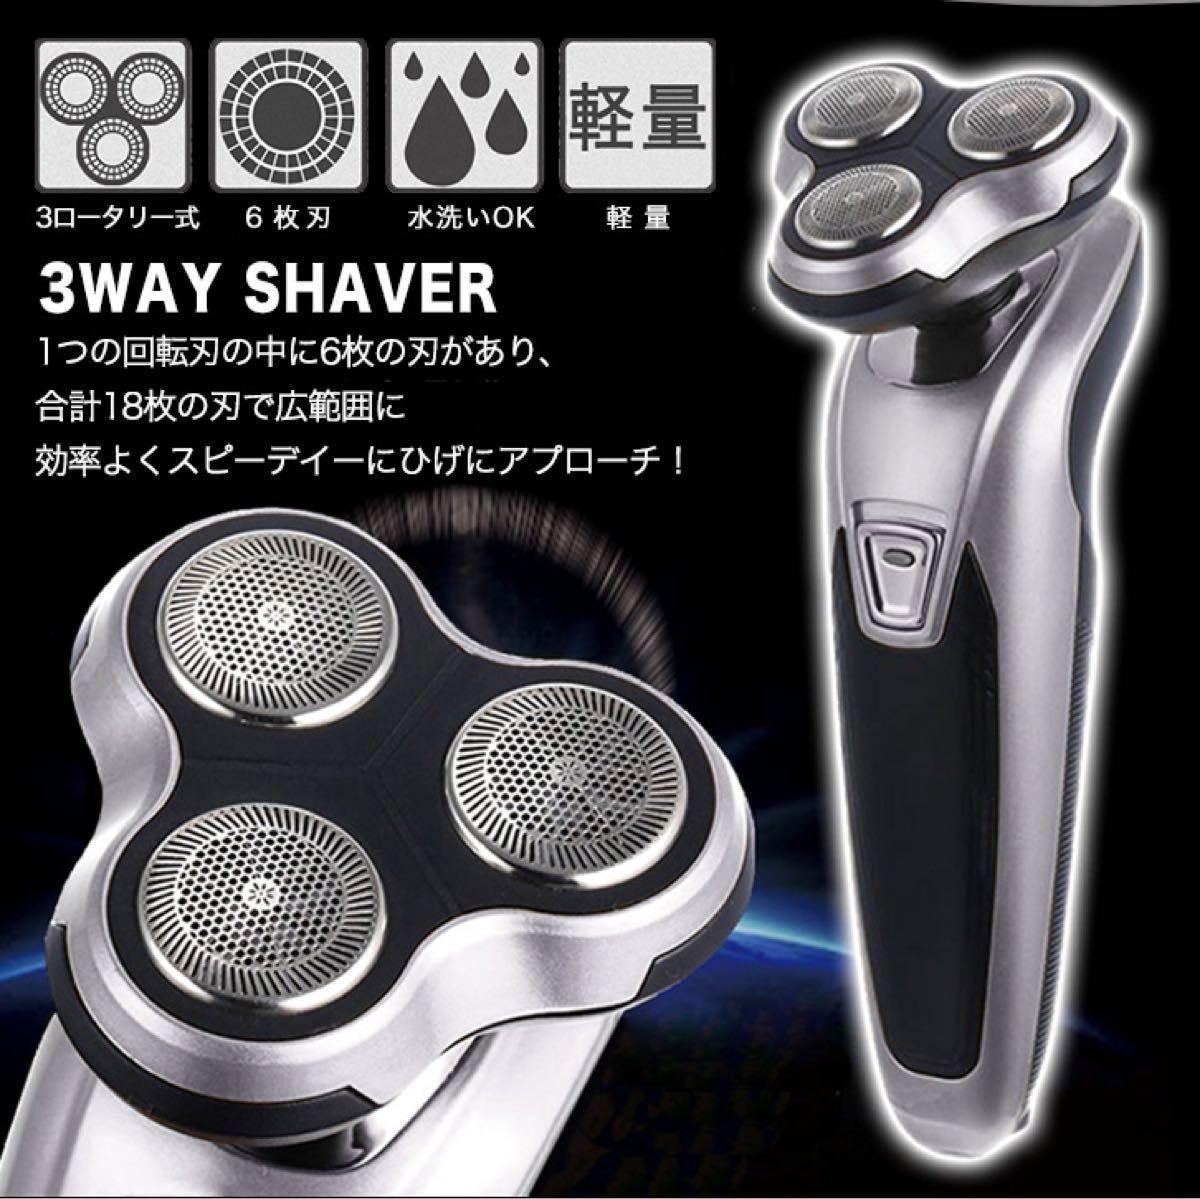 シェーバー 電動シェーバー 髭剃り 3wayシェーバー 3ロータリー式 6枚刃